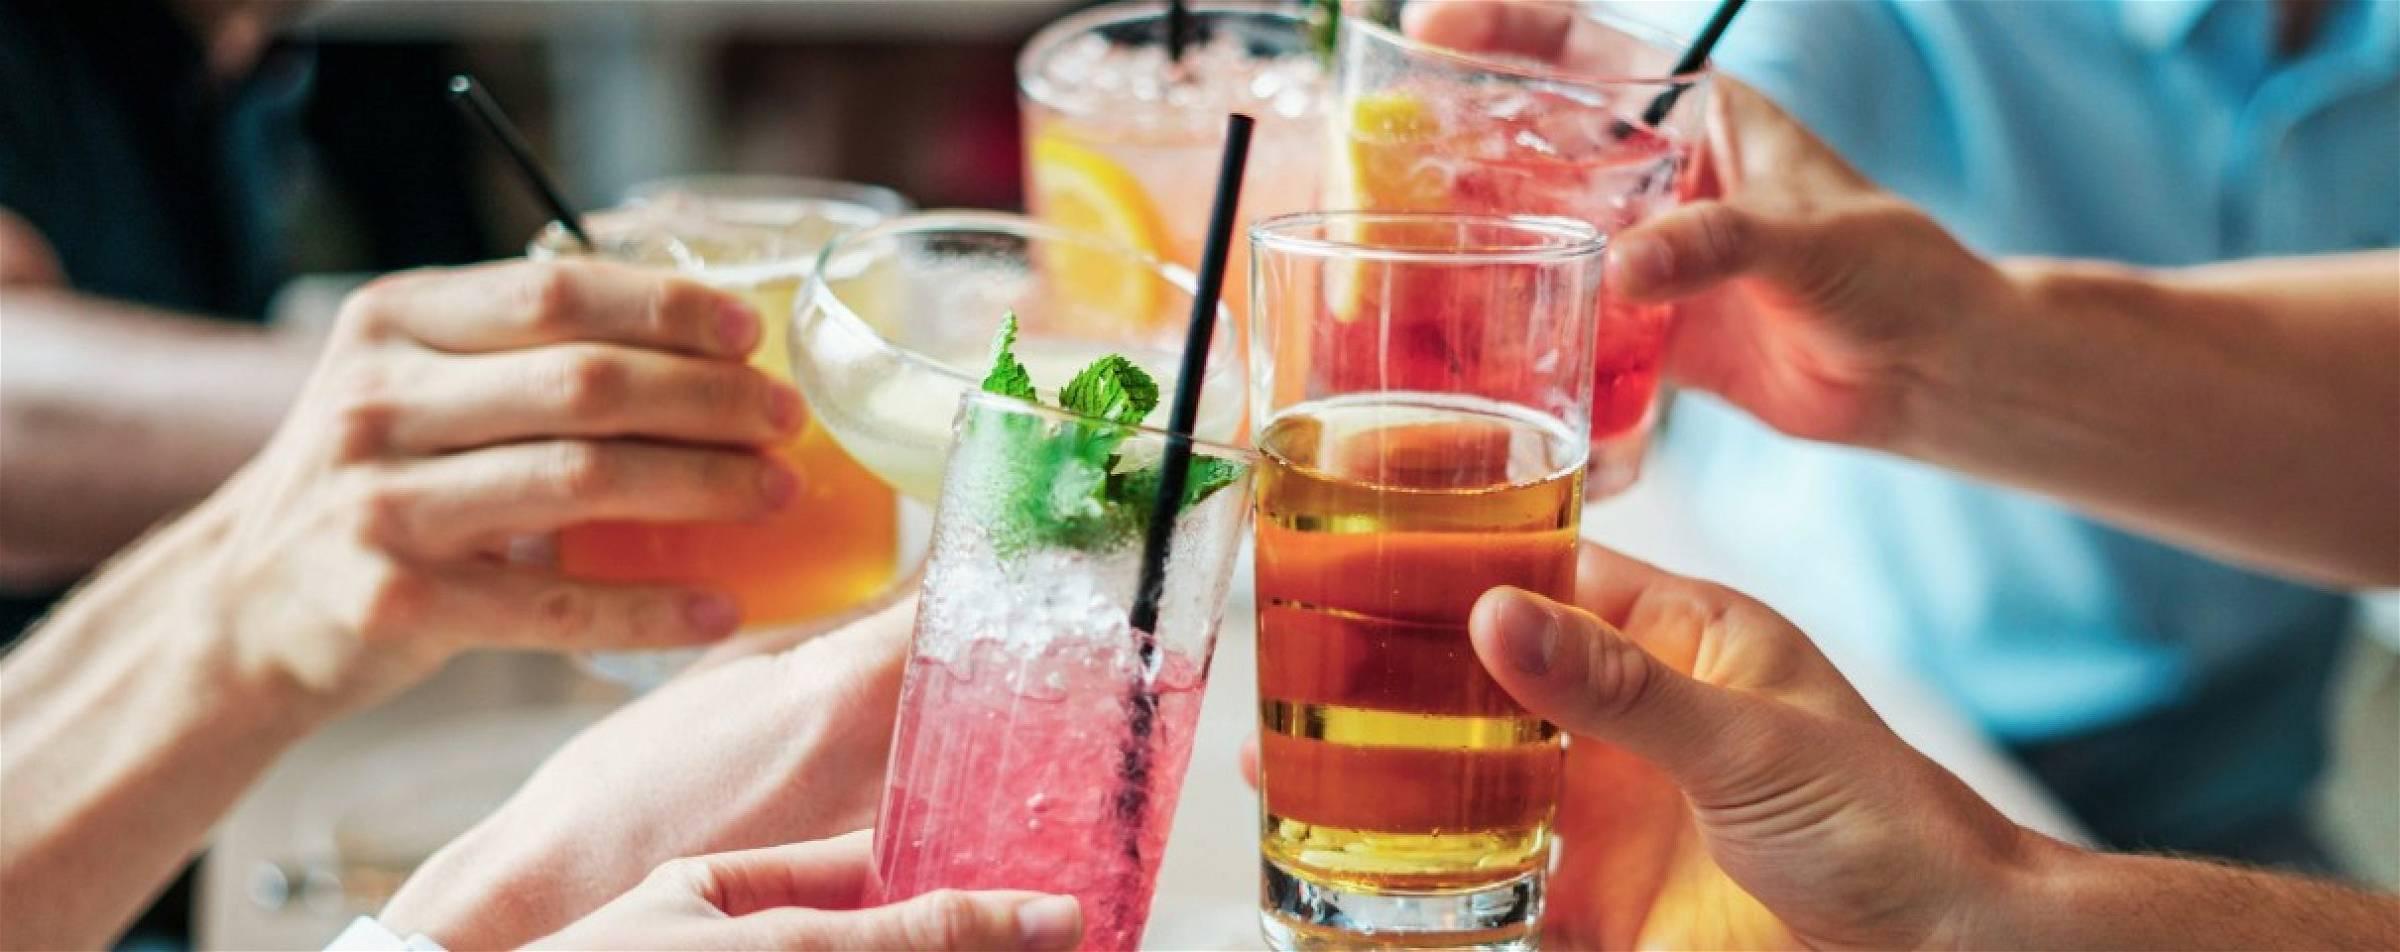 Alcoholische dranken en cocktails zonder alcohol